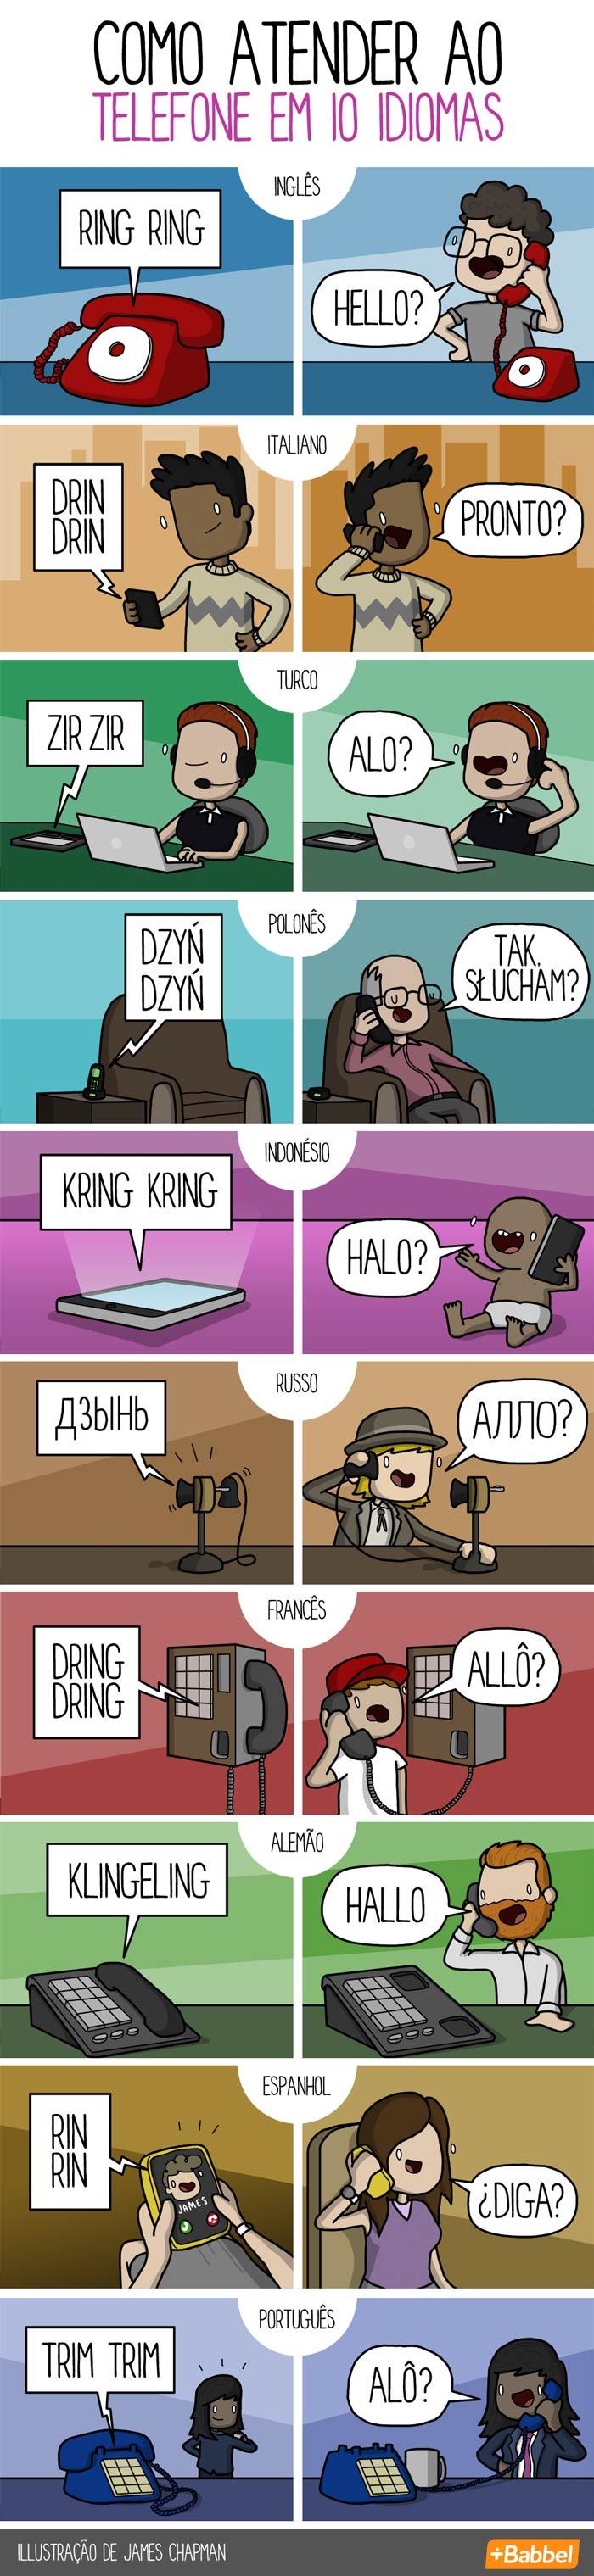 Como atender o telefone em diferentes idiomas